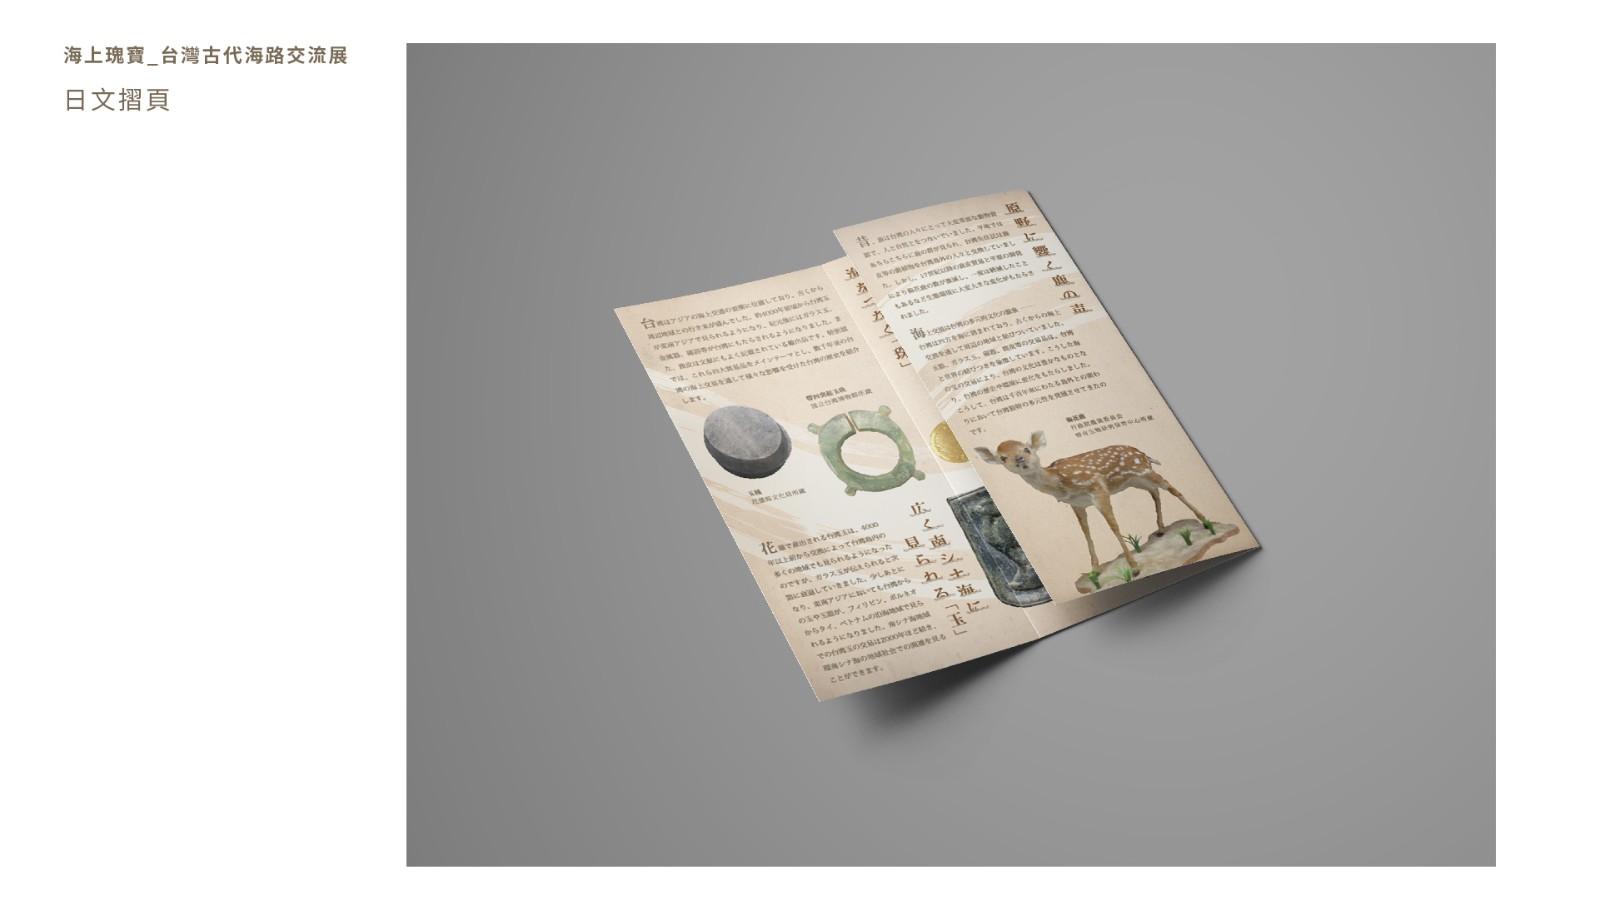 來自沖繩琉球王國的寶物 臺灣四面環海,豐富的海路交流串起與世界連結,「海上瑰寶-臺灣古代海路交流特展」集結國內外7個博物館及單位,共同展出璀璨的玉器、珠飾、瓷器及鹿標本等珍貴典藏。此展特別與日本沖繩縣立博物館‧美術館合作,首次在臺展出來自世界遺產「勝連城」以及琉球王國寶庫「御物城」所出土的中國貿易瓷,共20件元明時期的青瓷、白瓷與青花瓷器。 | 甘樂文創 | 甘之如飴,樂在其中